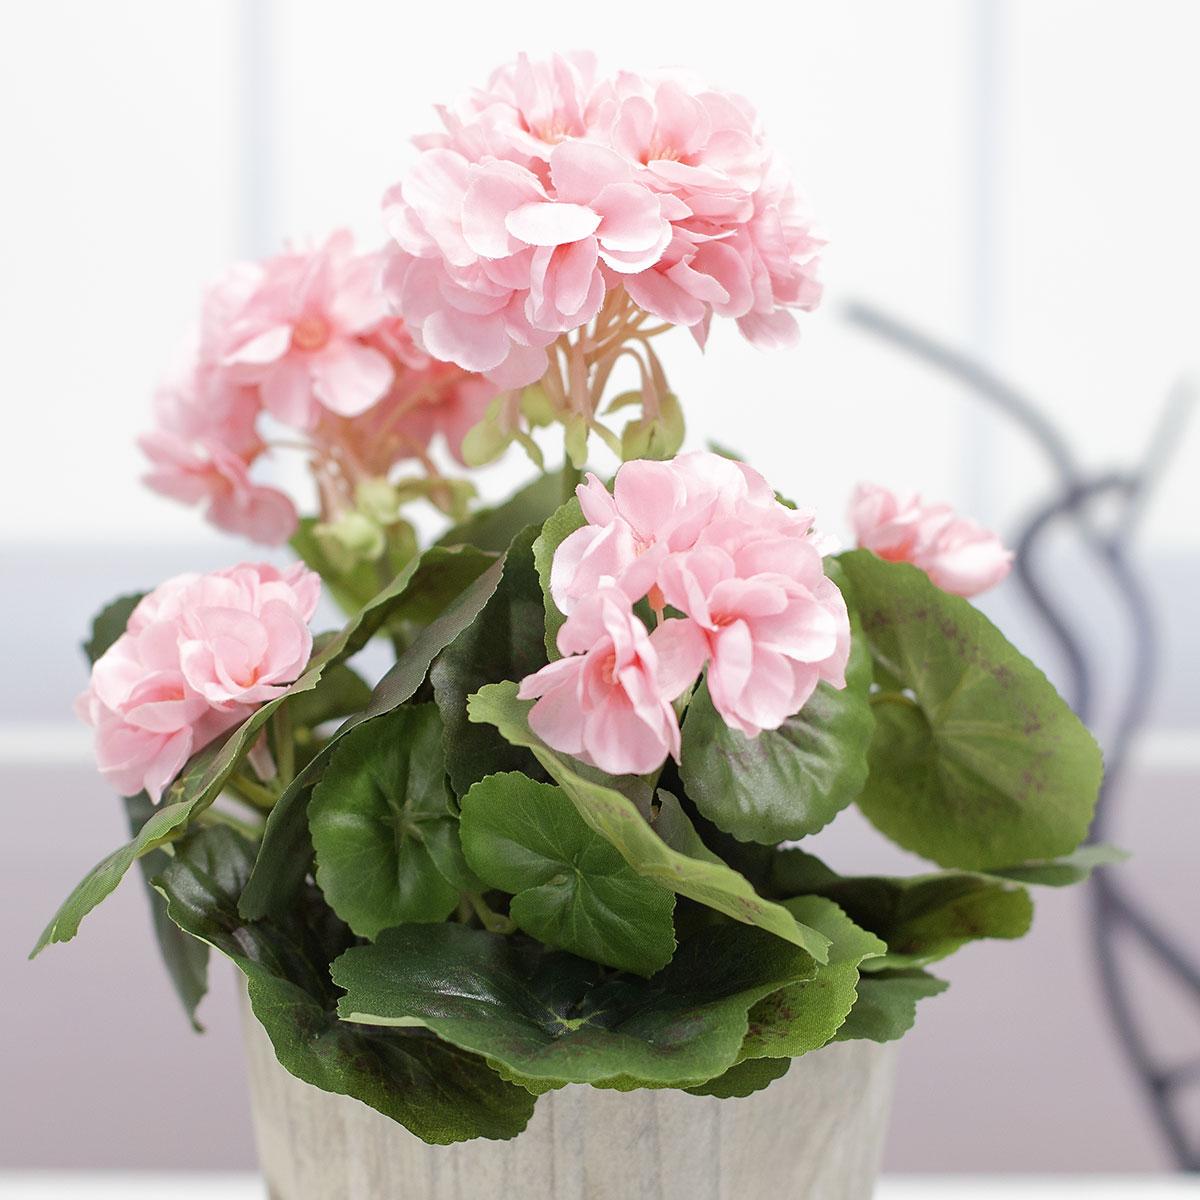 핑크색 제라늄 꽃